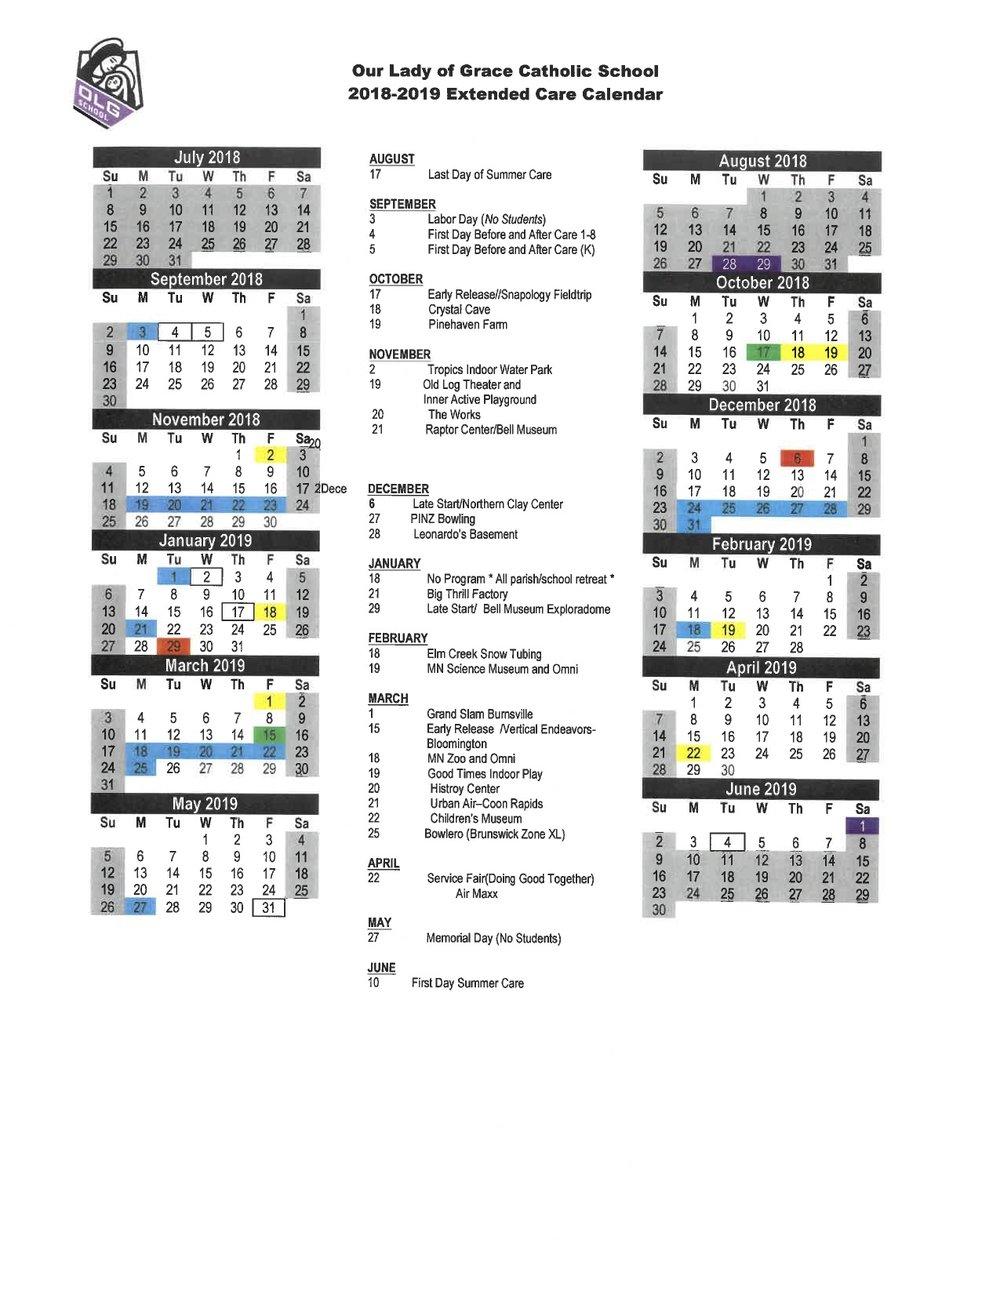 2018-2019 Extended Care Calendar.jpg